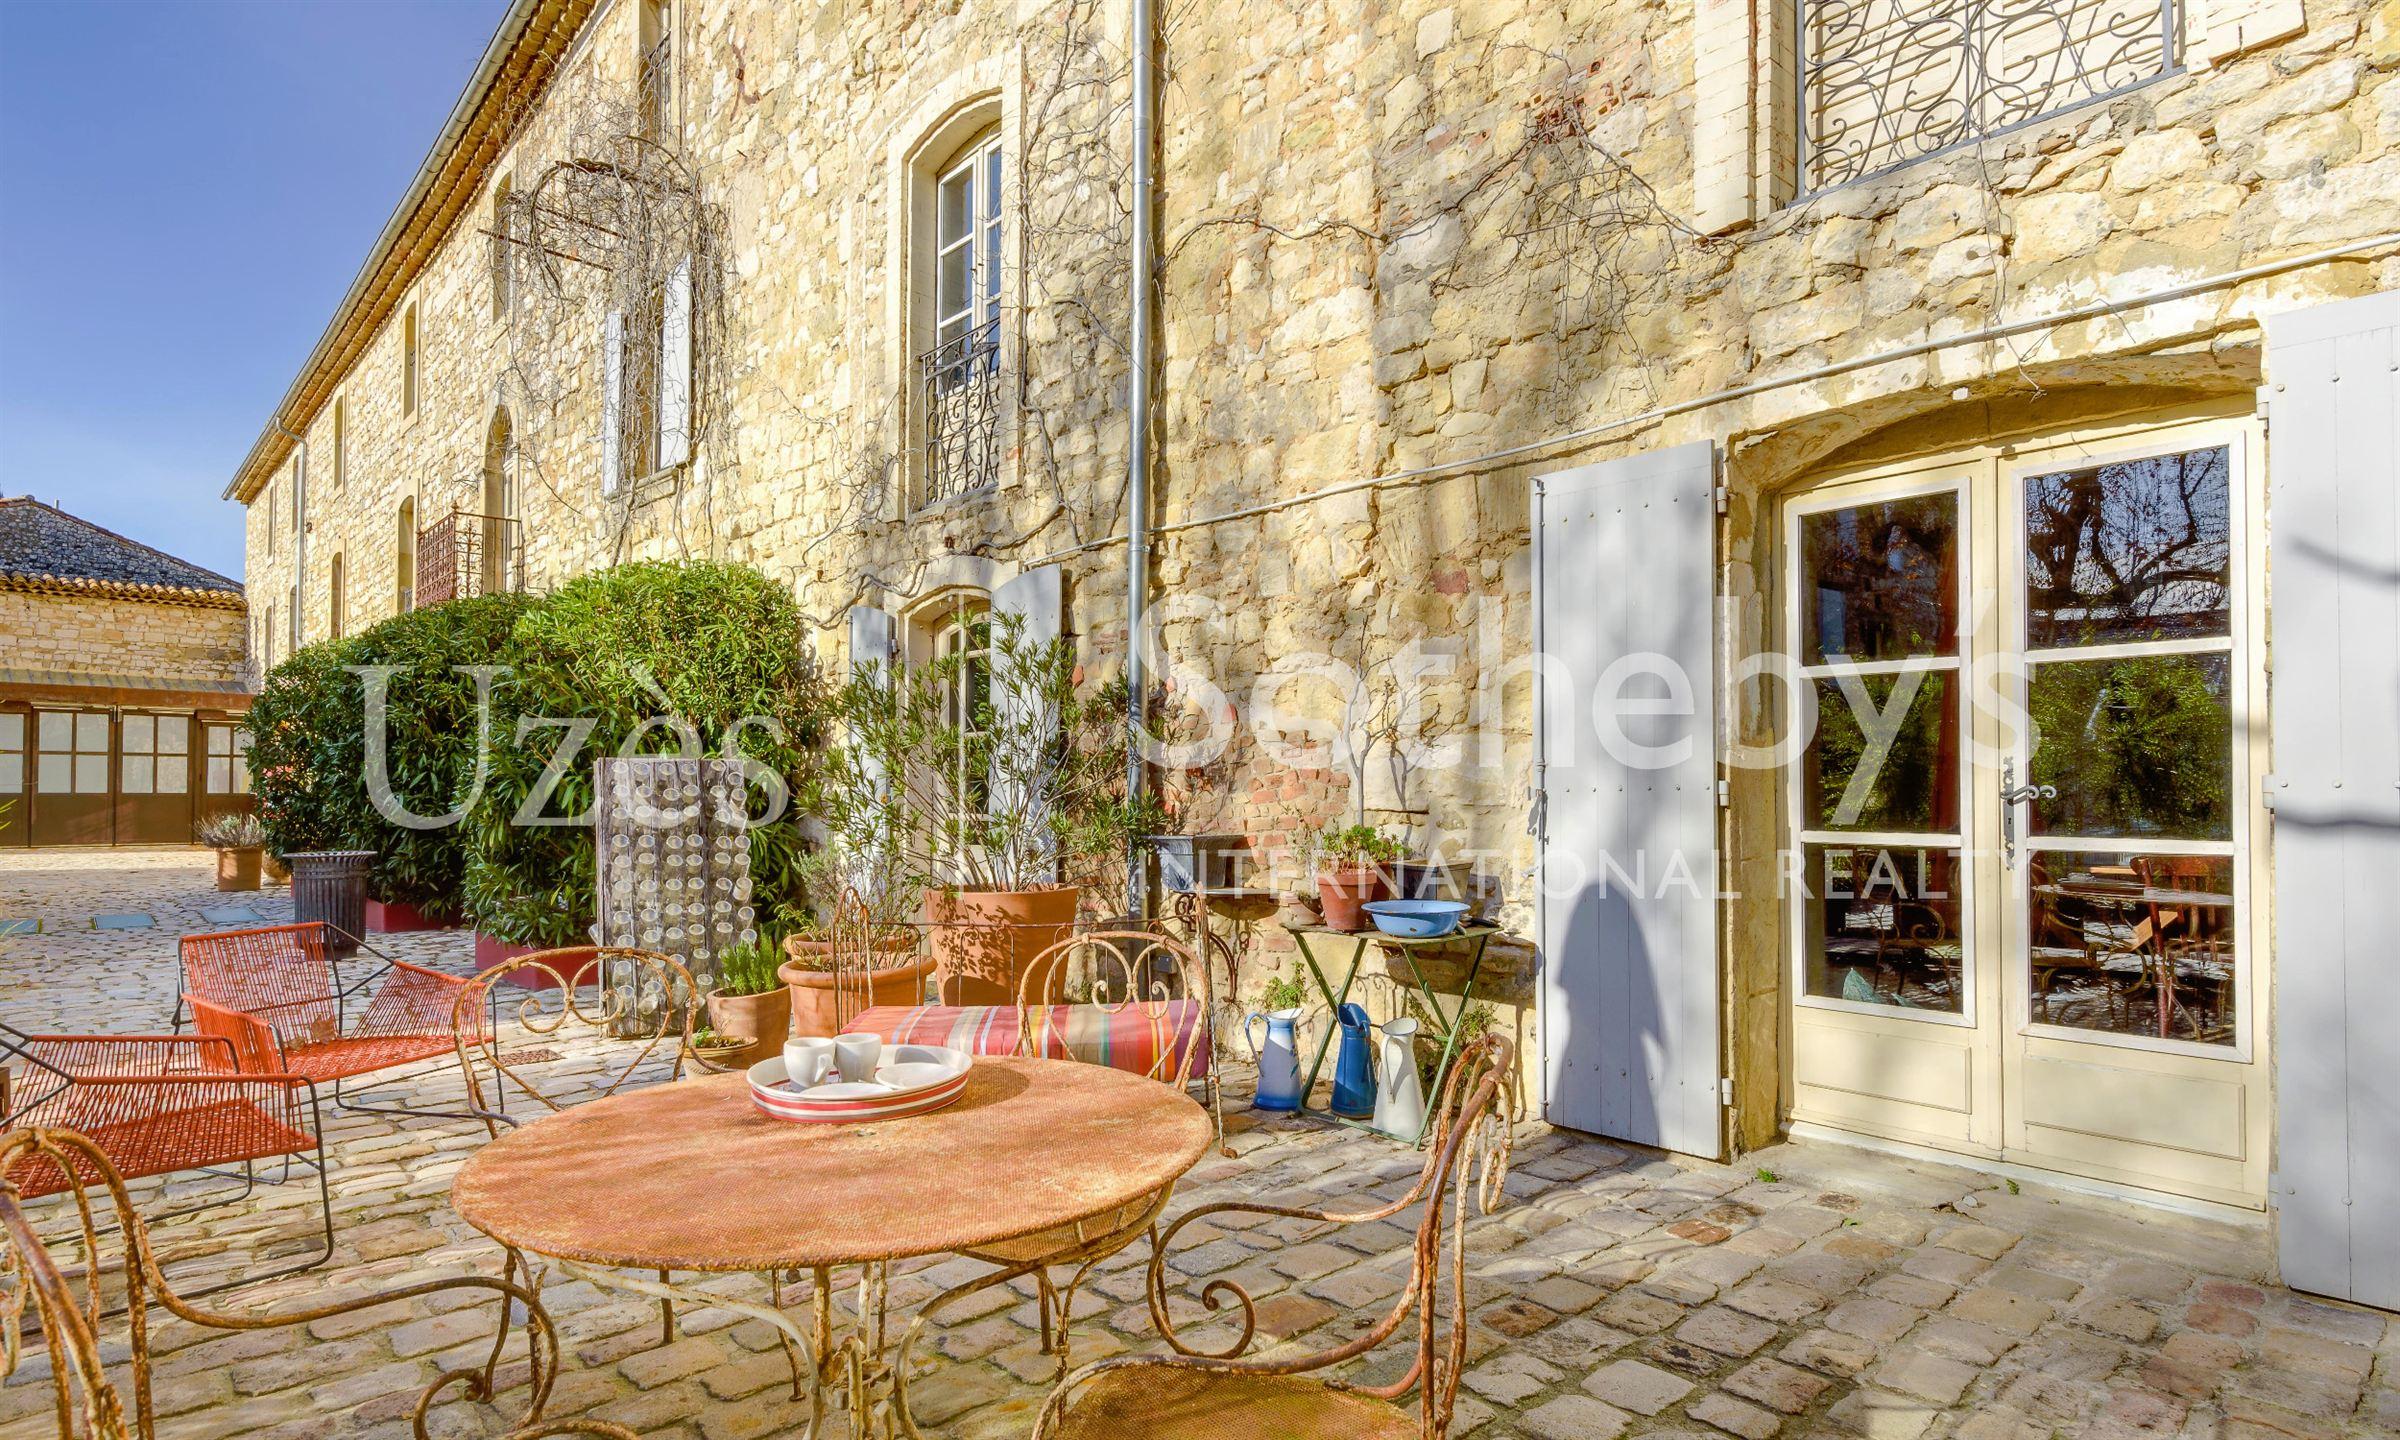 단독 가정 주택 용 매매 에 NEAR UZES, EXCEPTIONAL PROPERTY Uzes, 랑그도크루시용주, 30700 프랑스